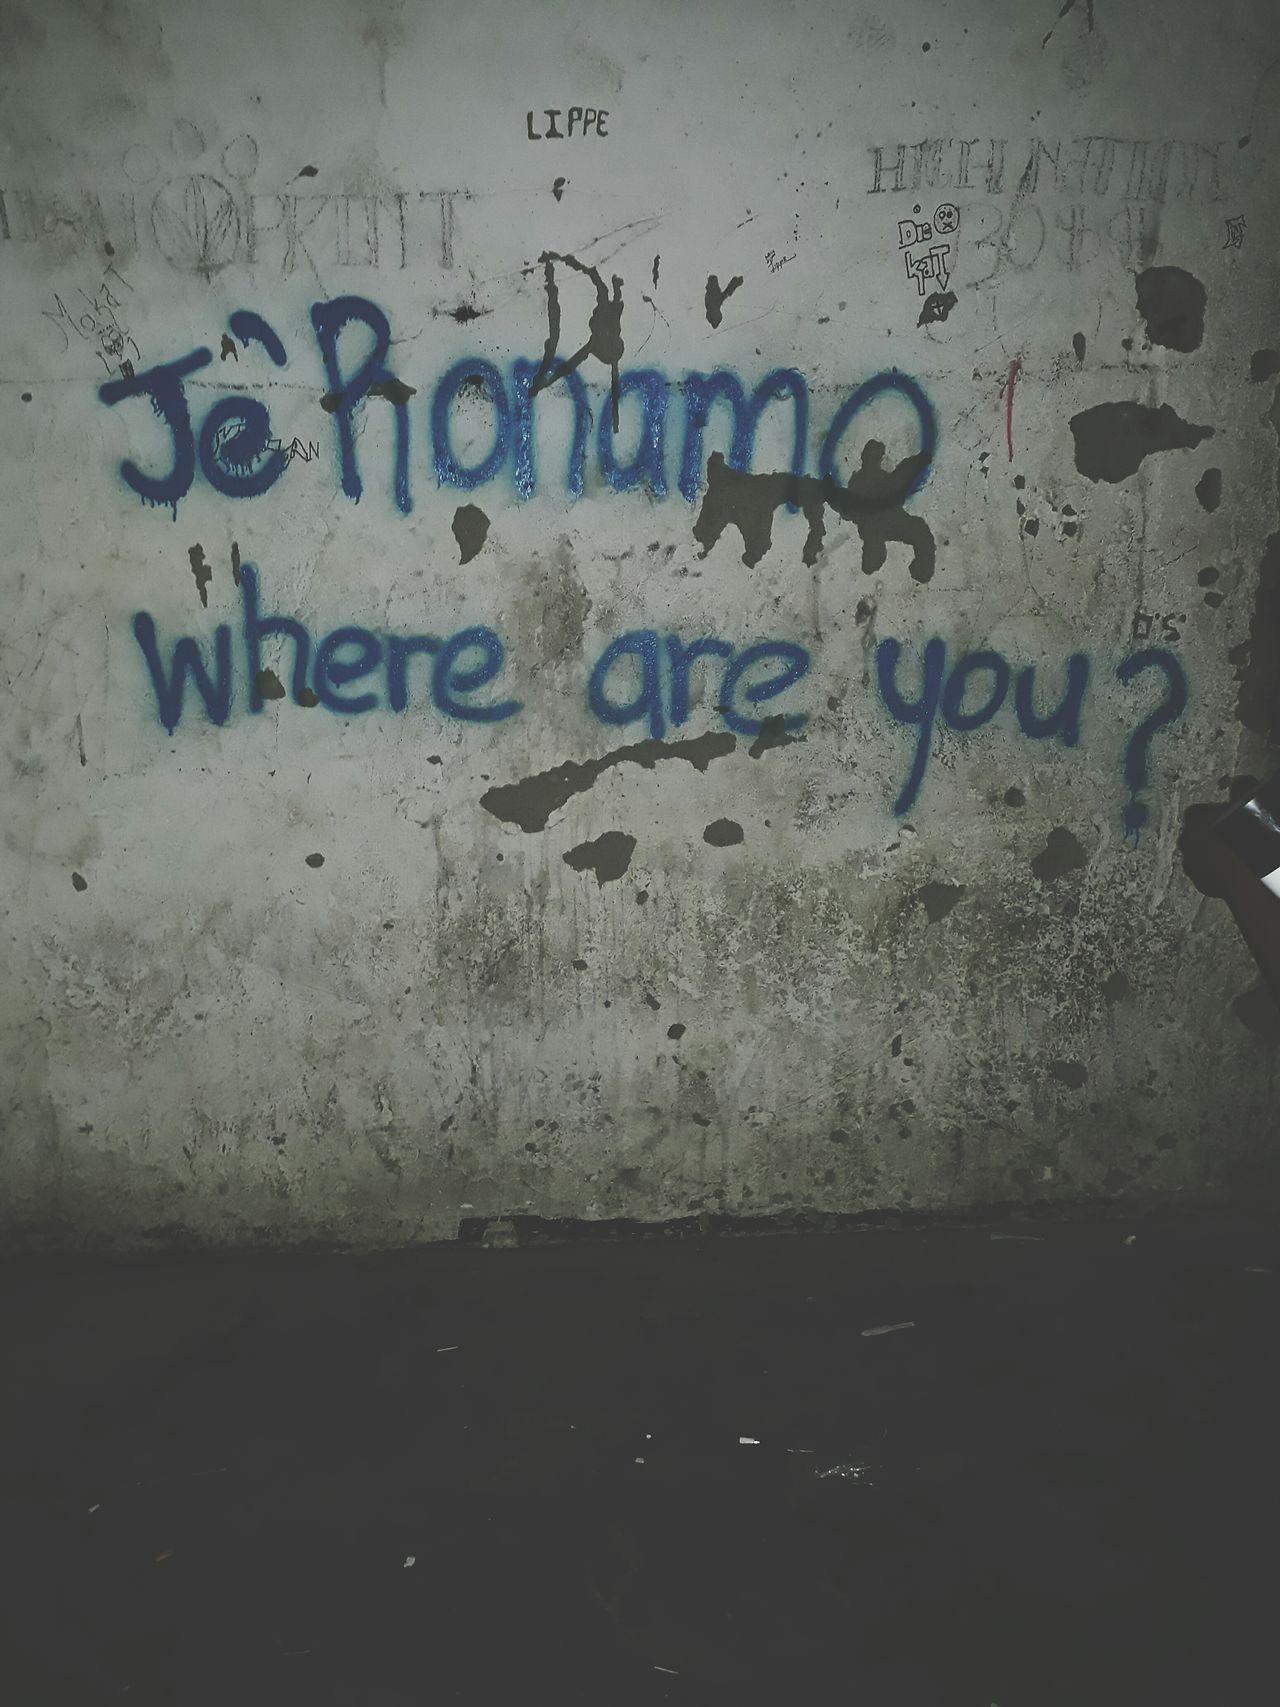 Je'Ronamo ? Search Party